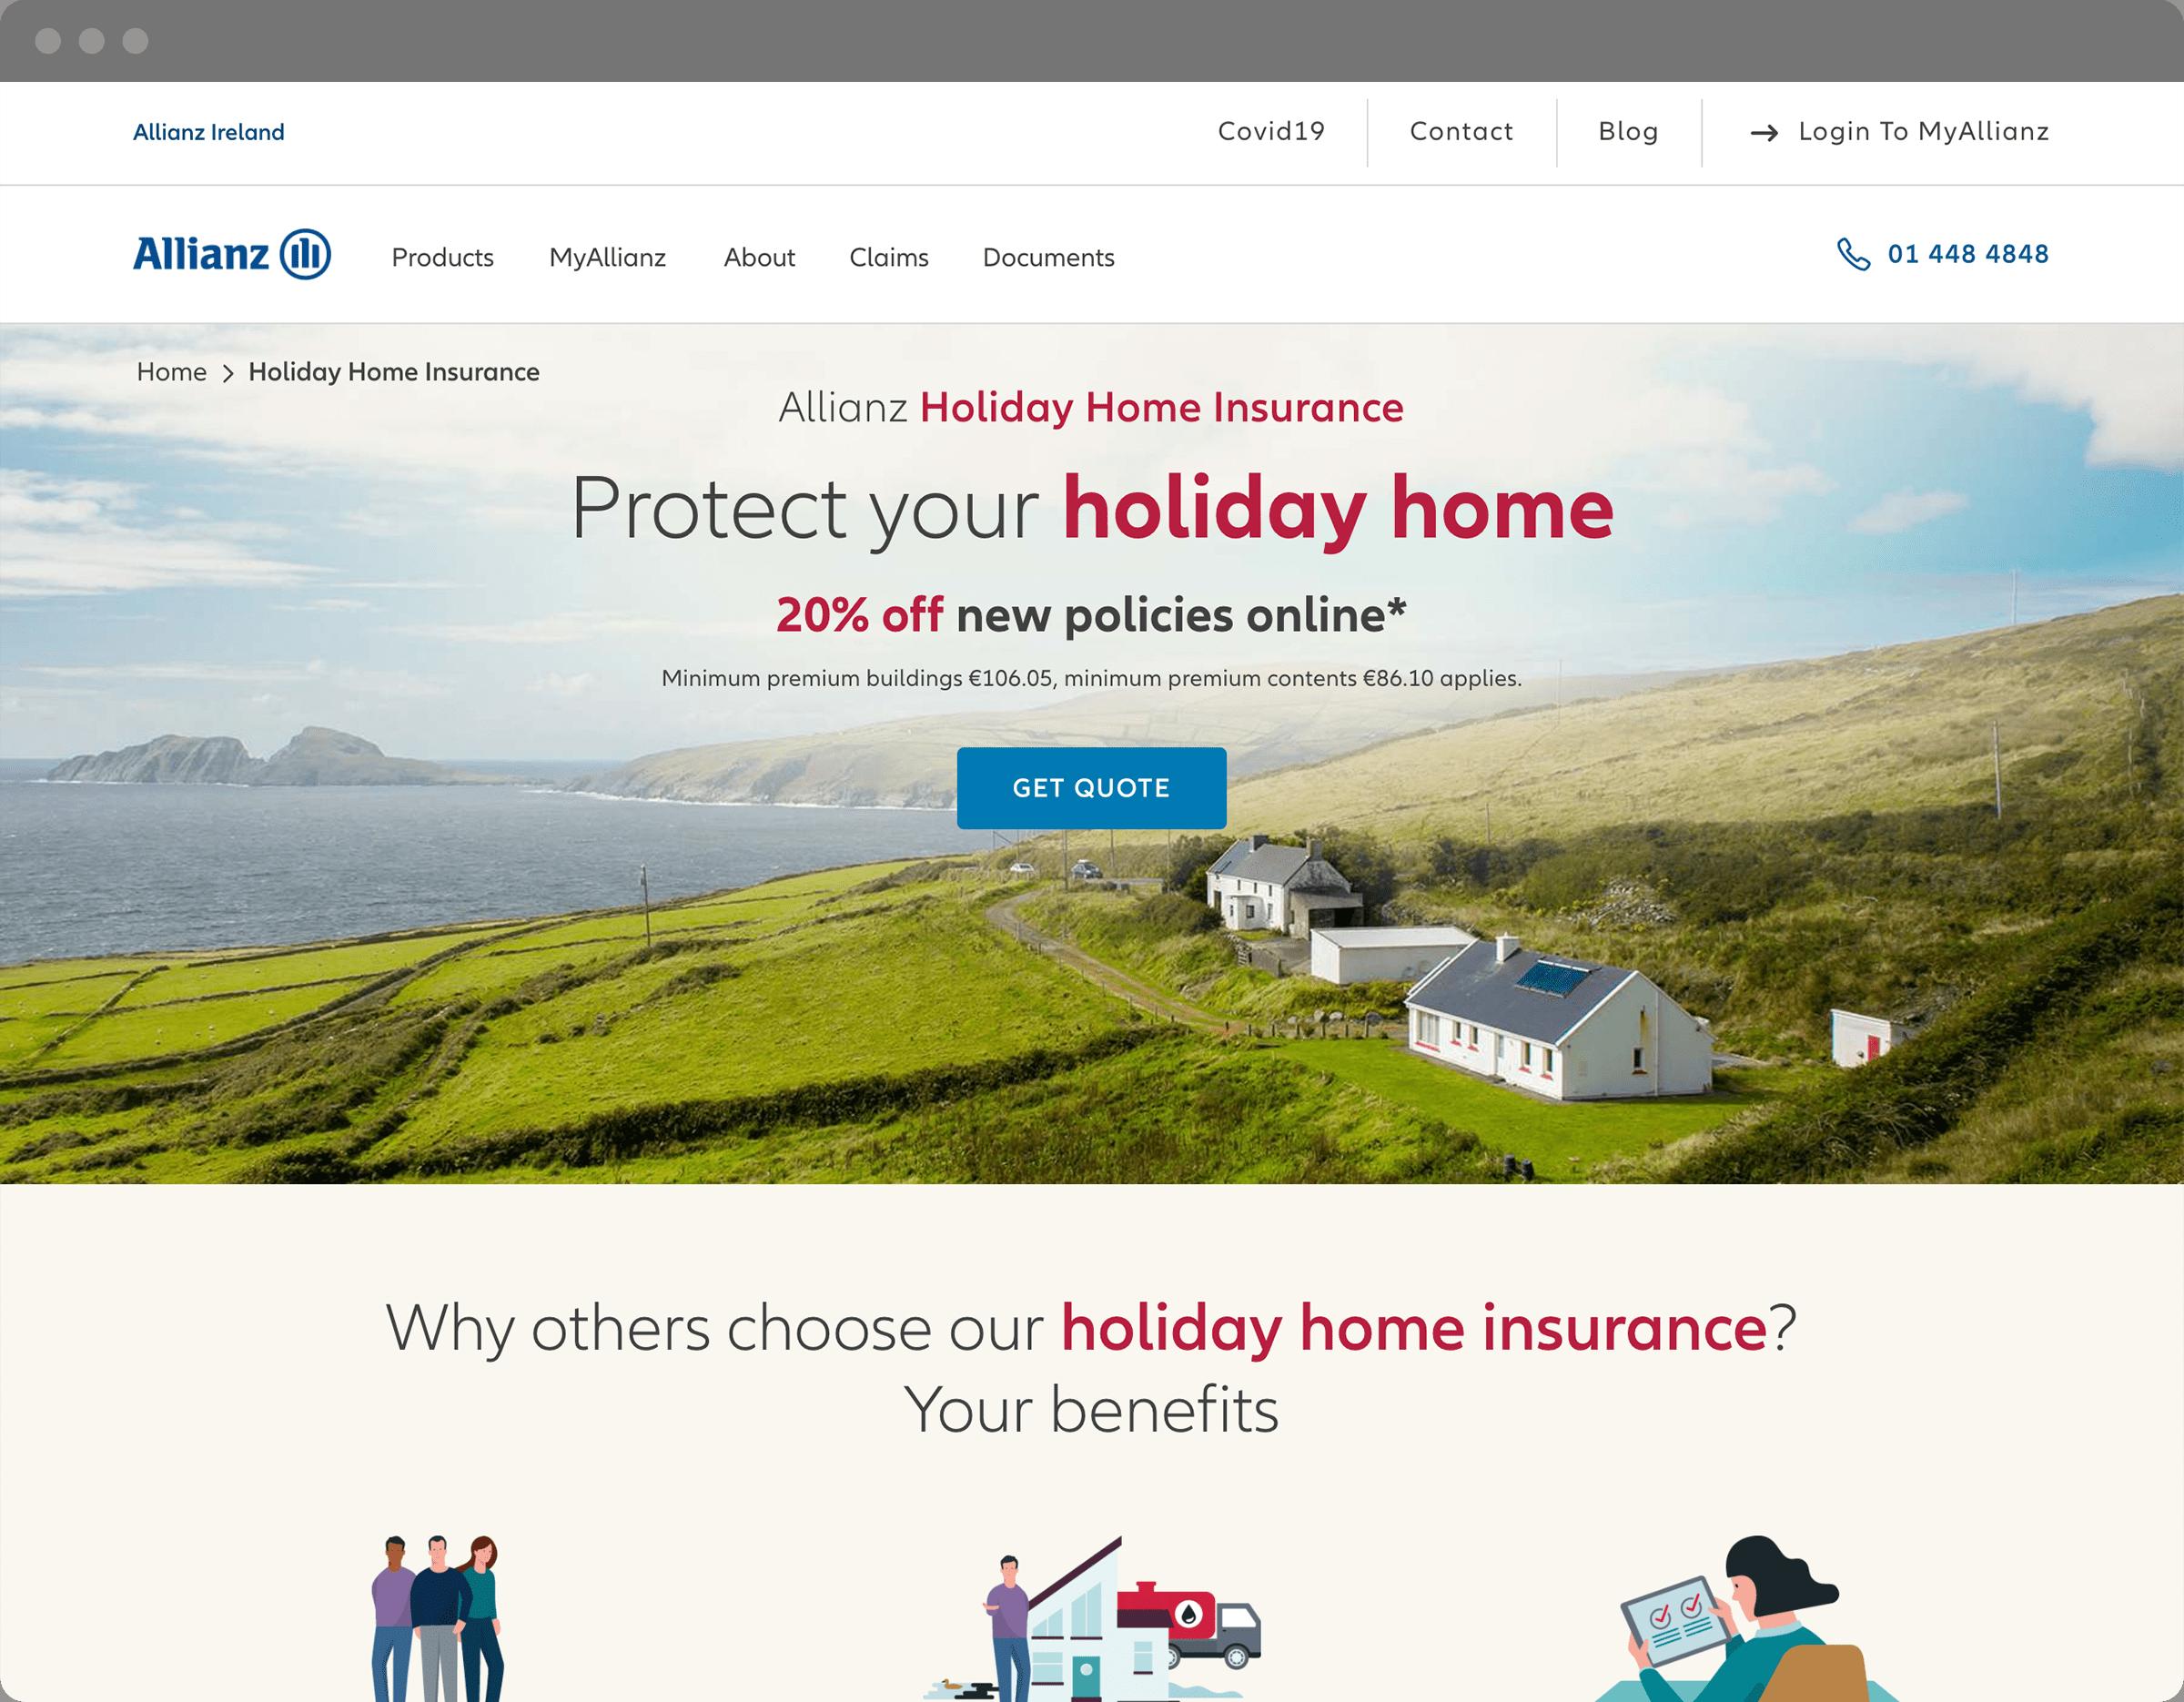 Allianz Ireland website design